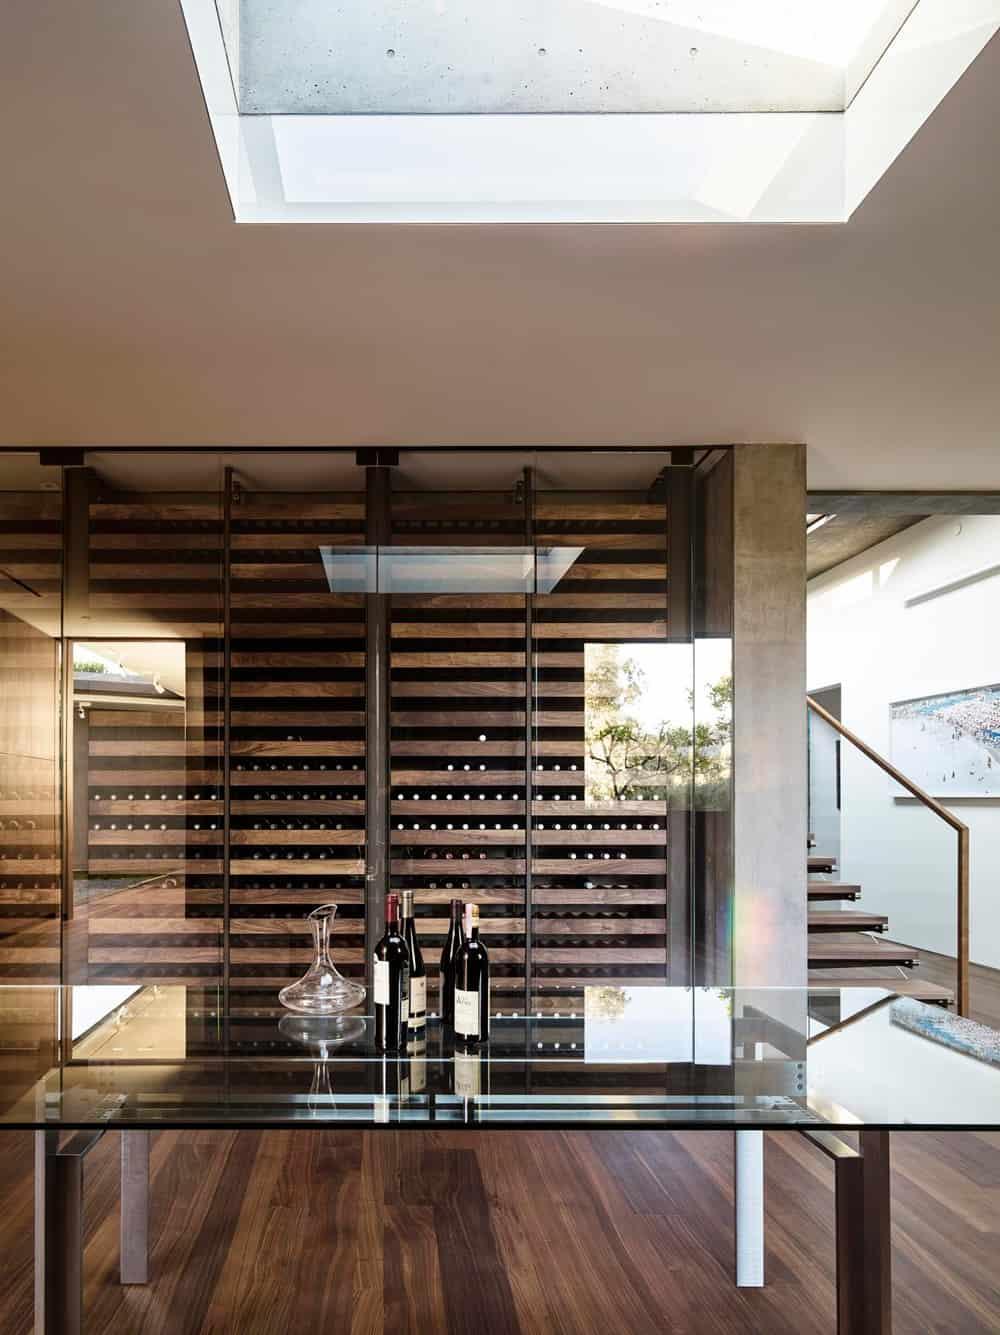 Wood and glass vinoteca